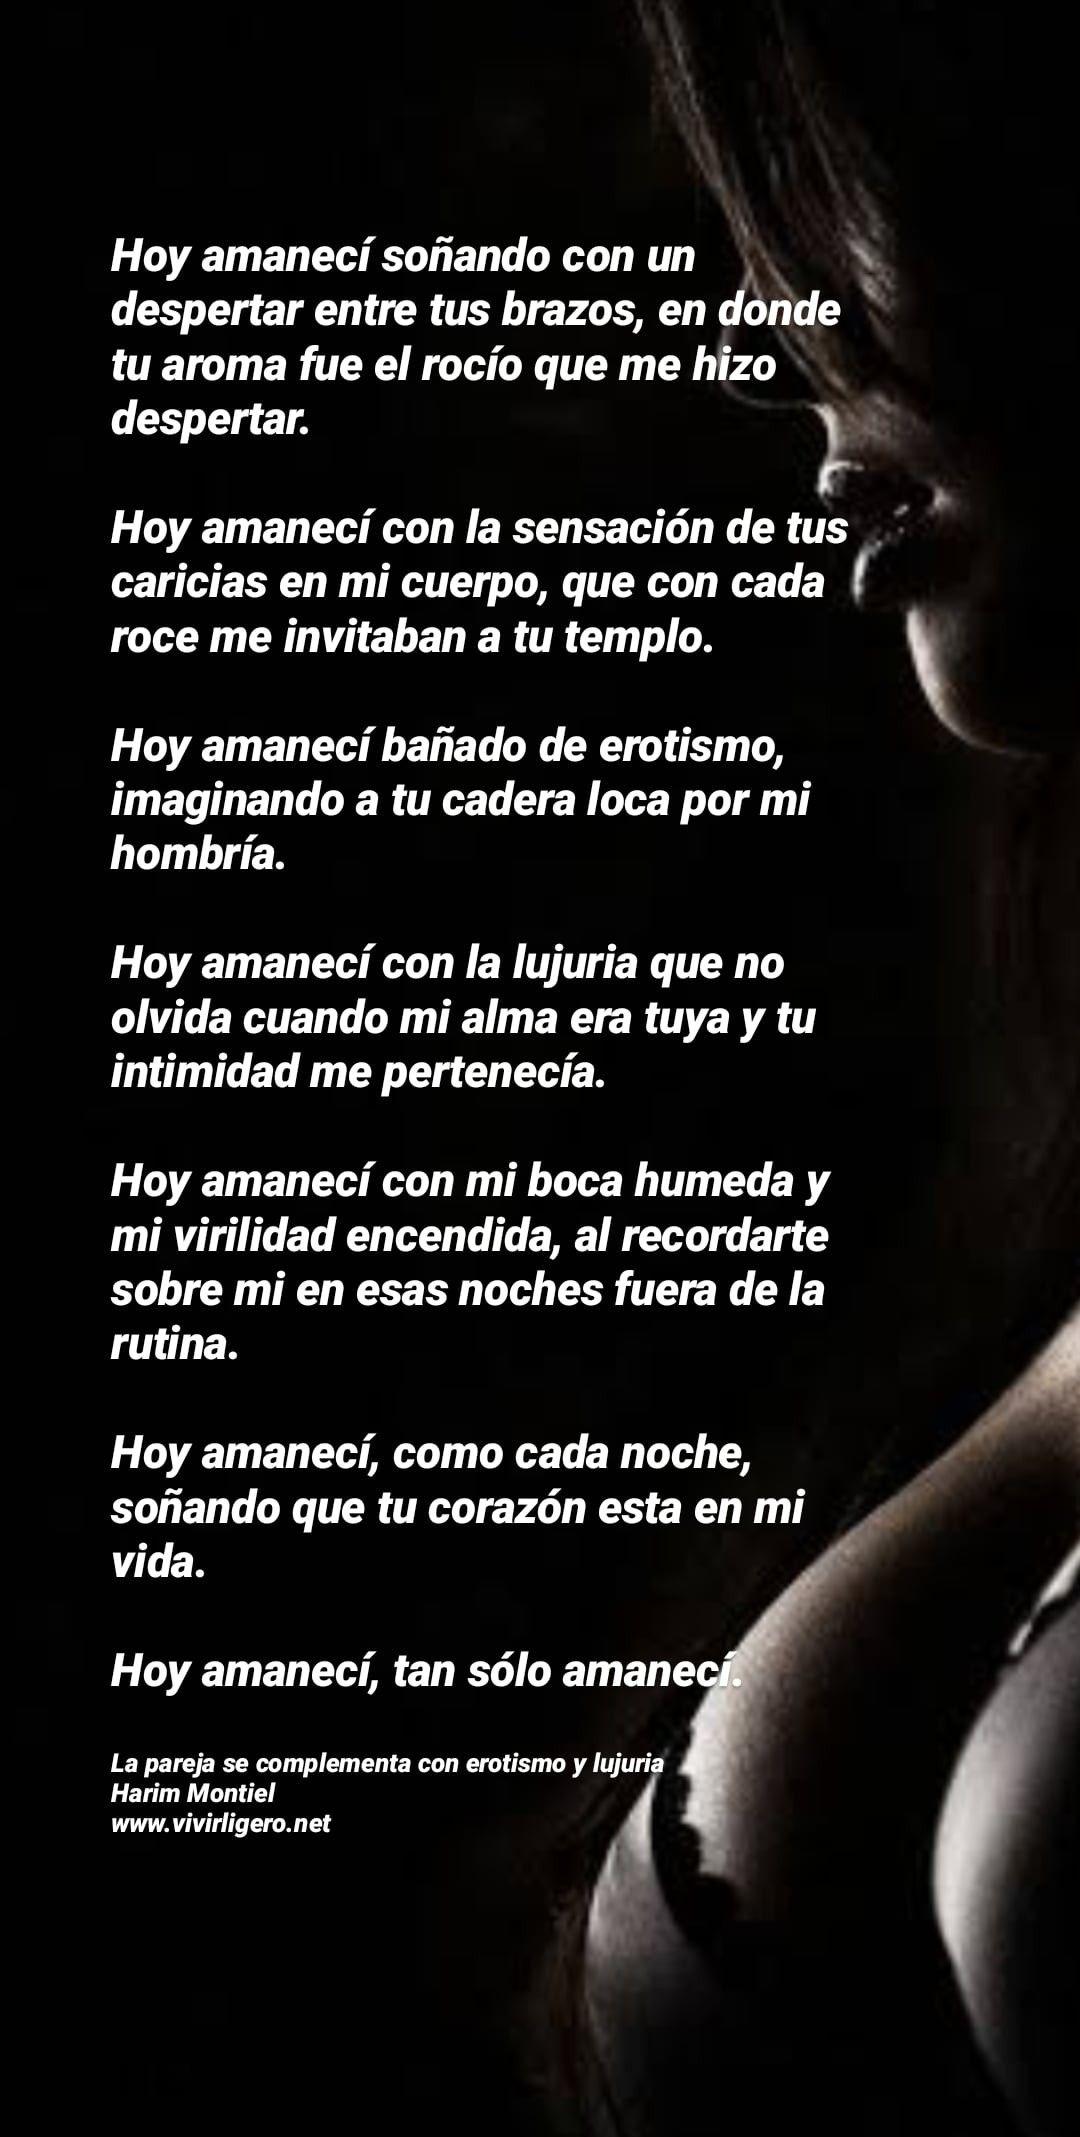 Hoy Amanecí Hoy Amaneci Amor Y Sensualidad Poemas Románticos